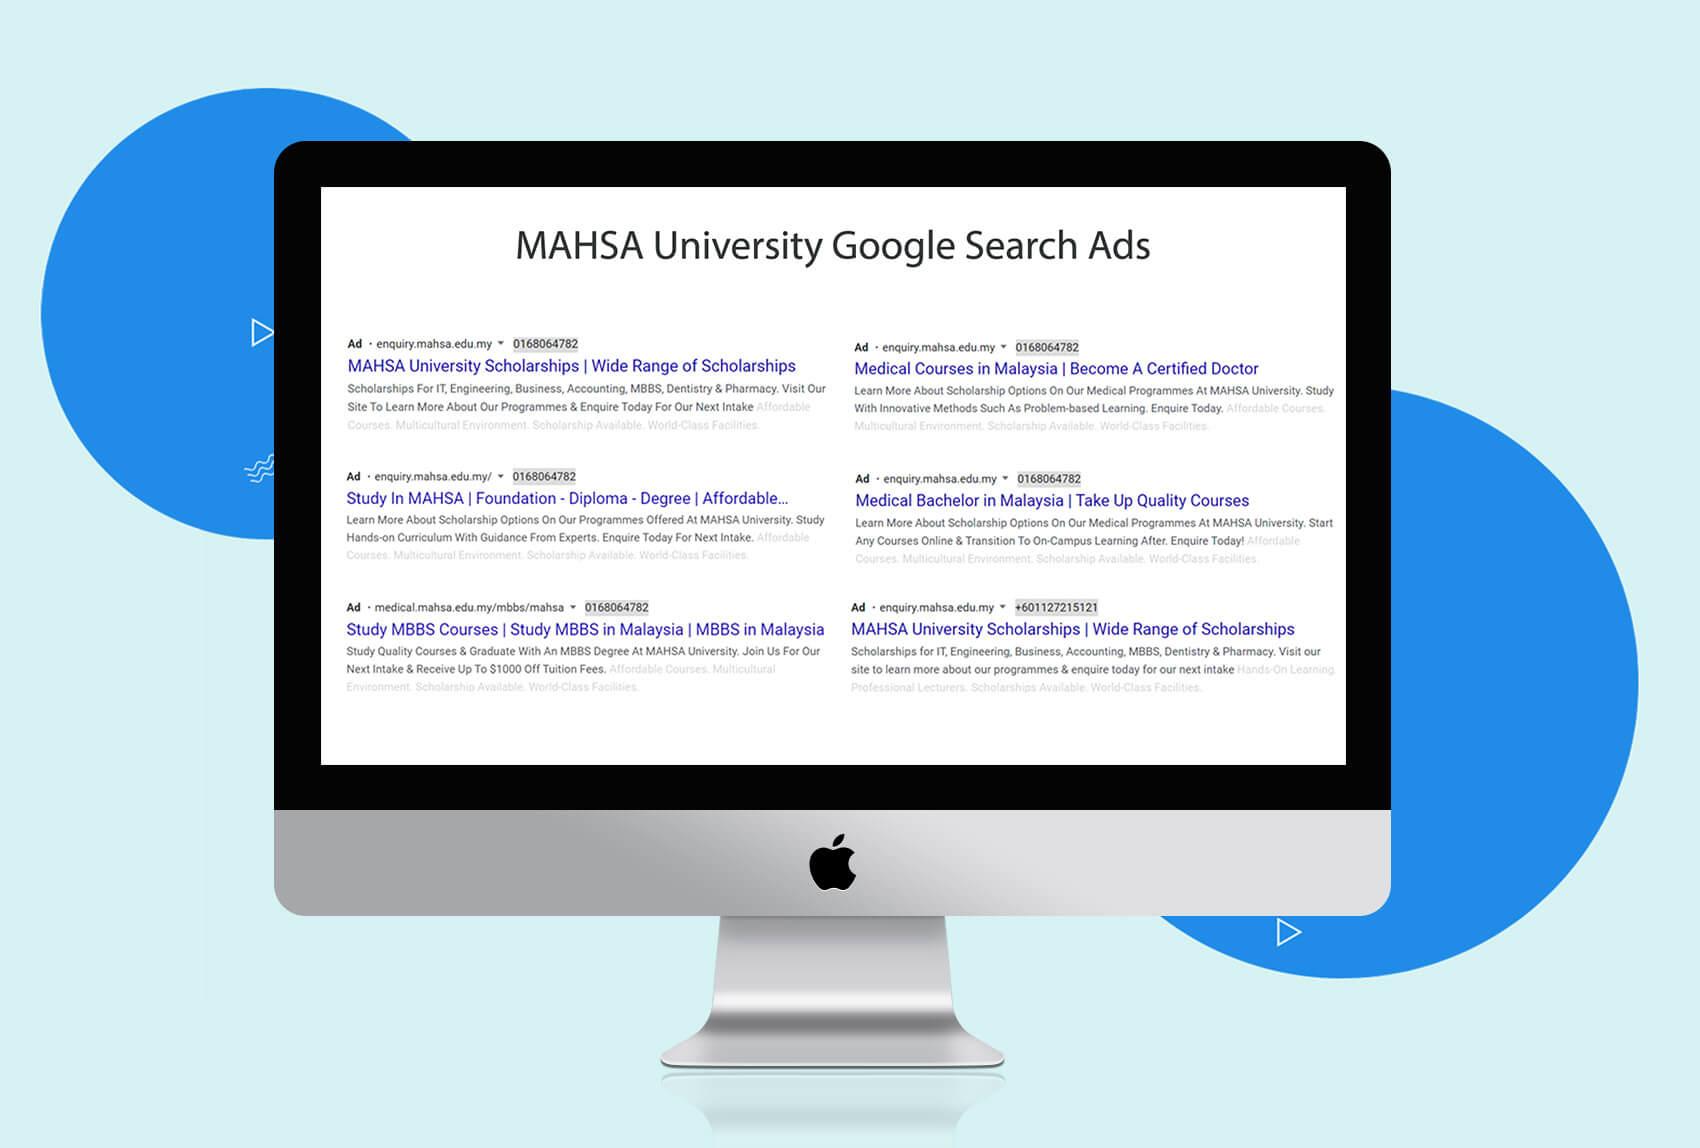 mahsa-google-search-ads-text